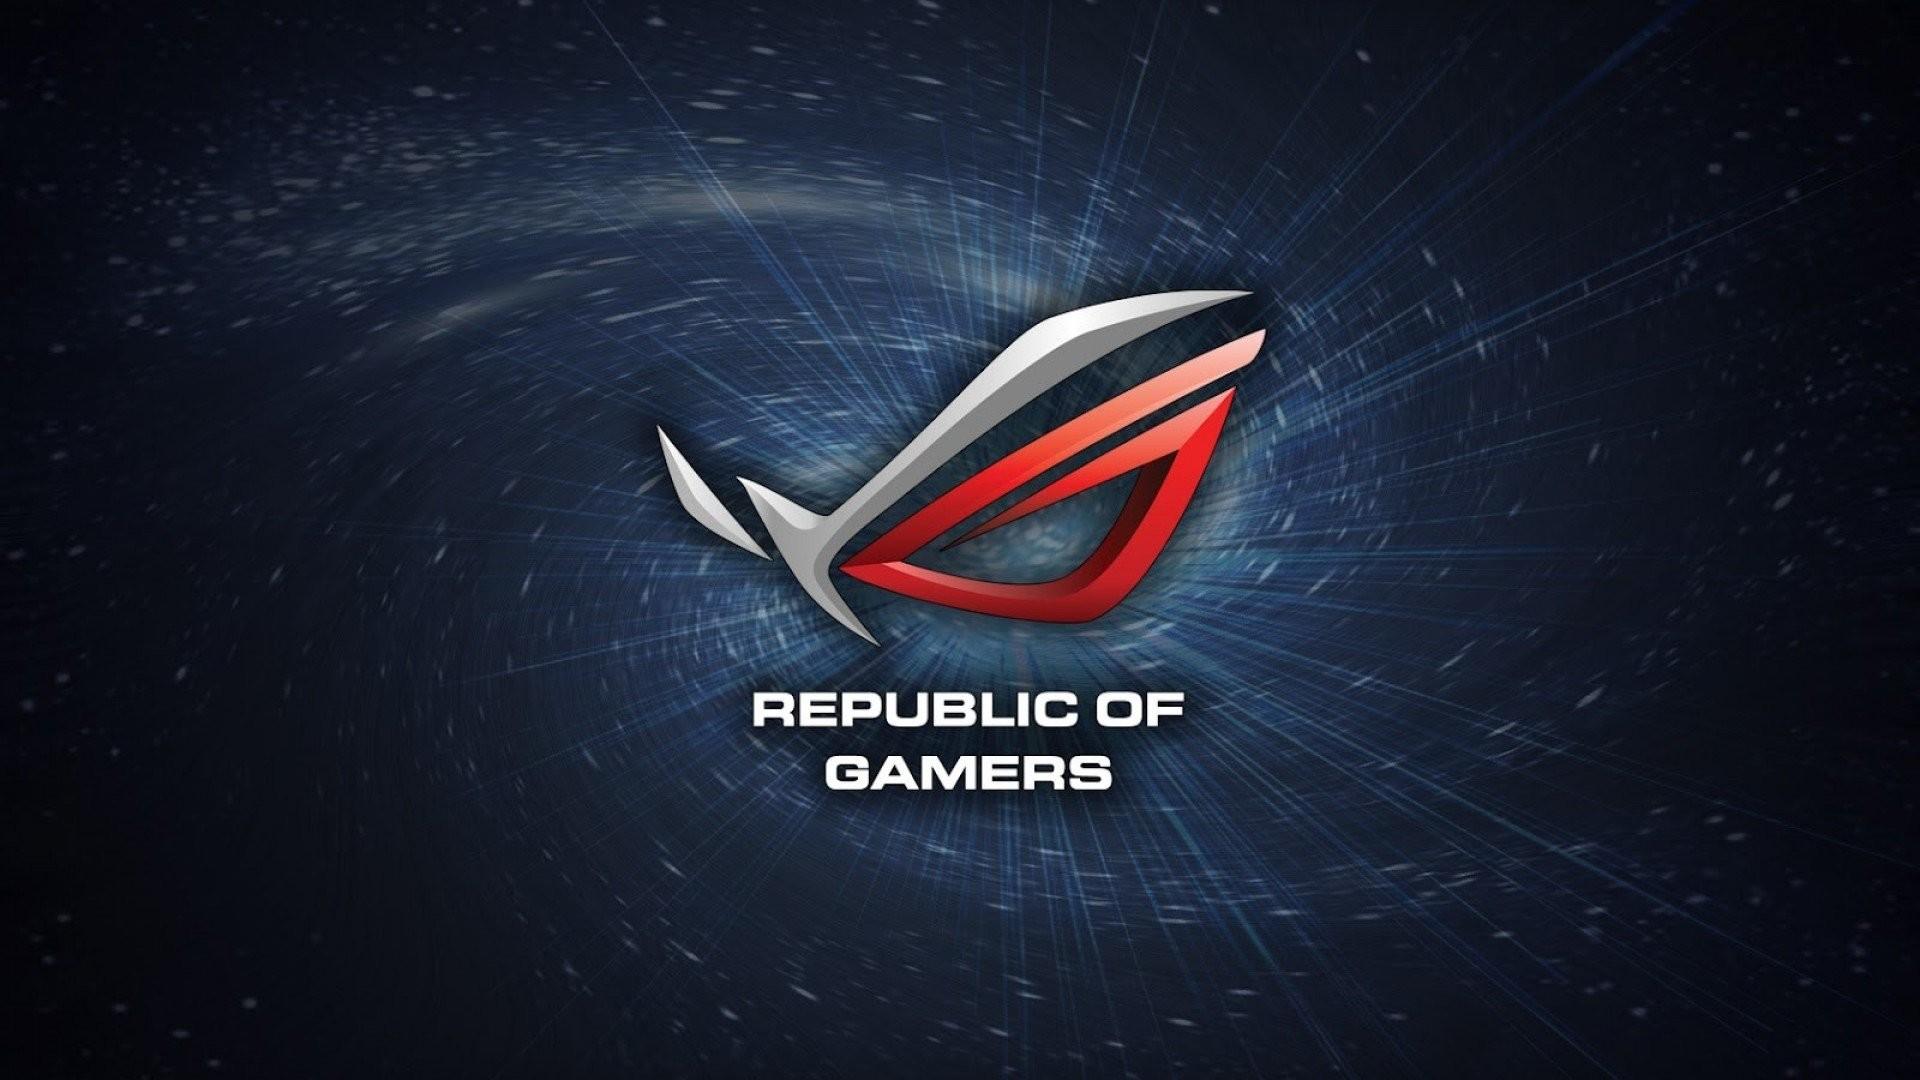 Asus Republic Of Gamers HD …